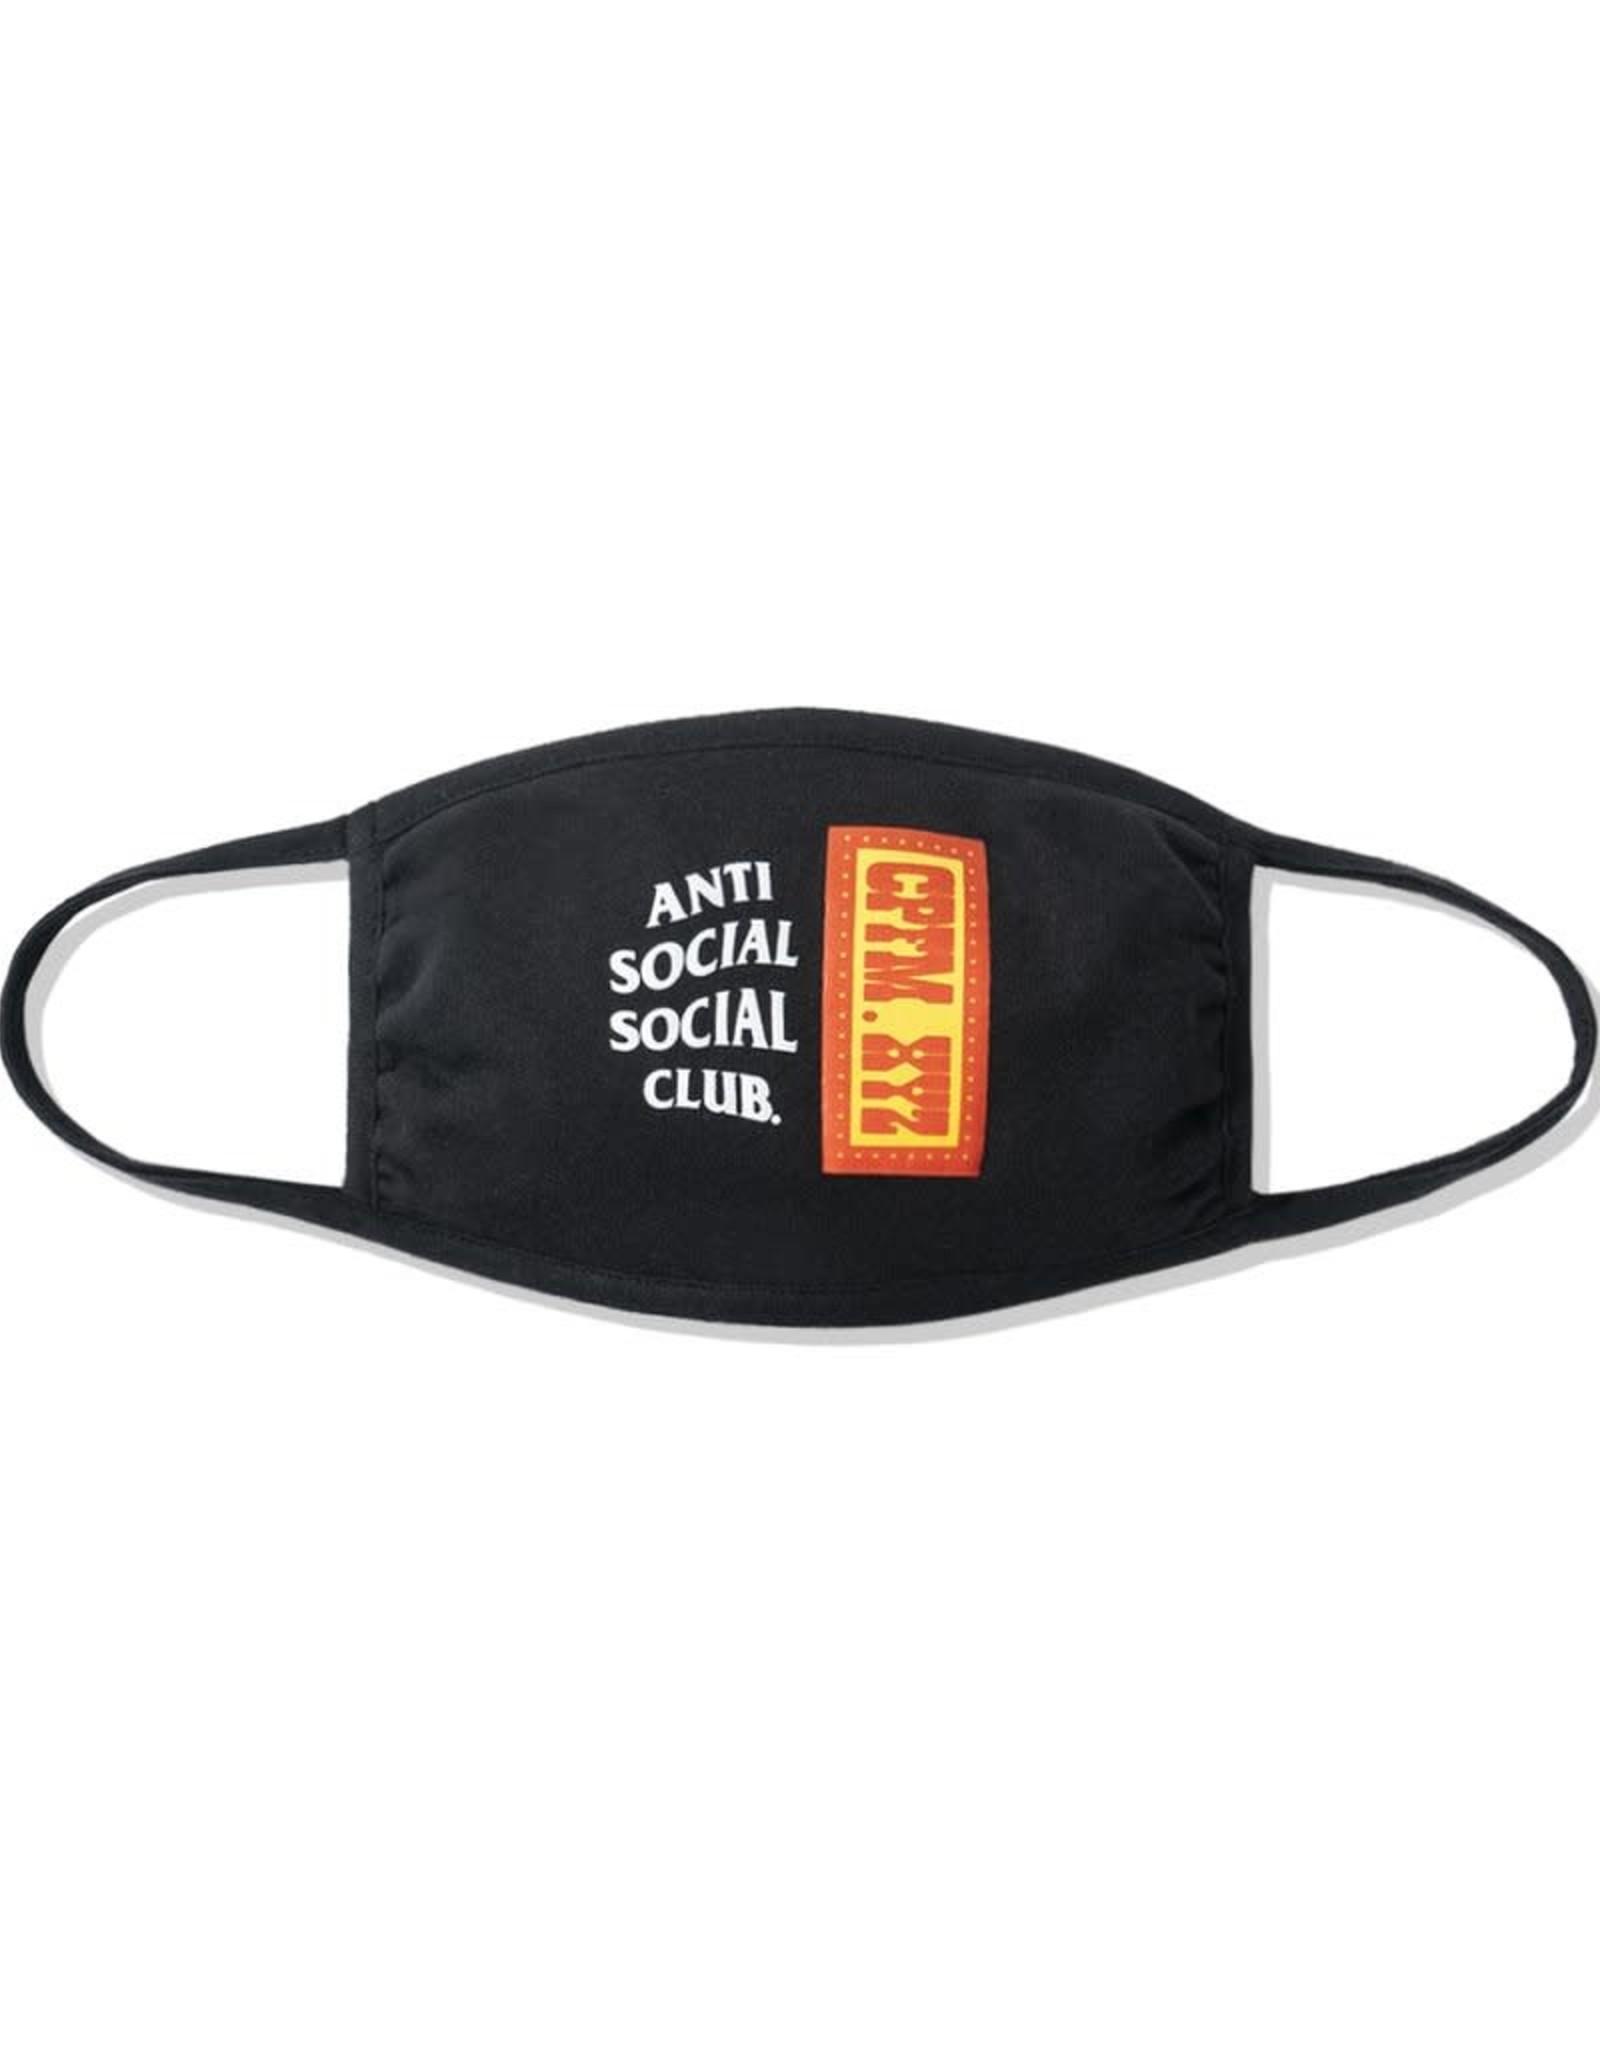 ASSC CPFM x ASSC Mask